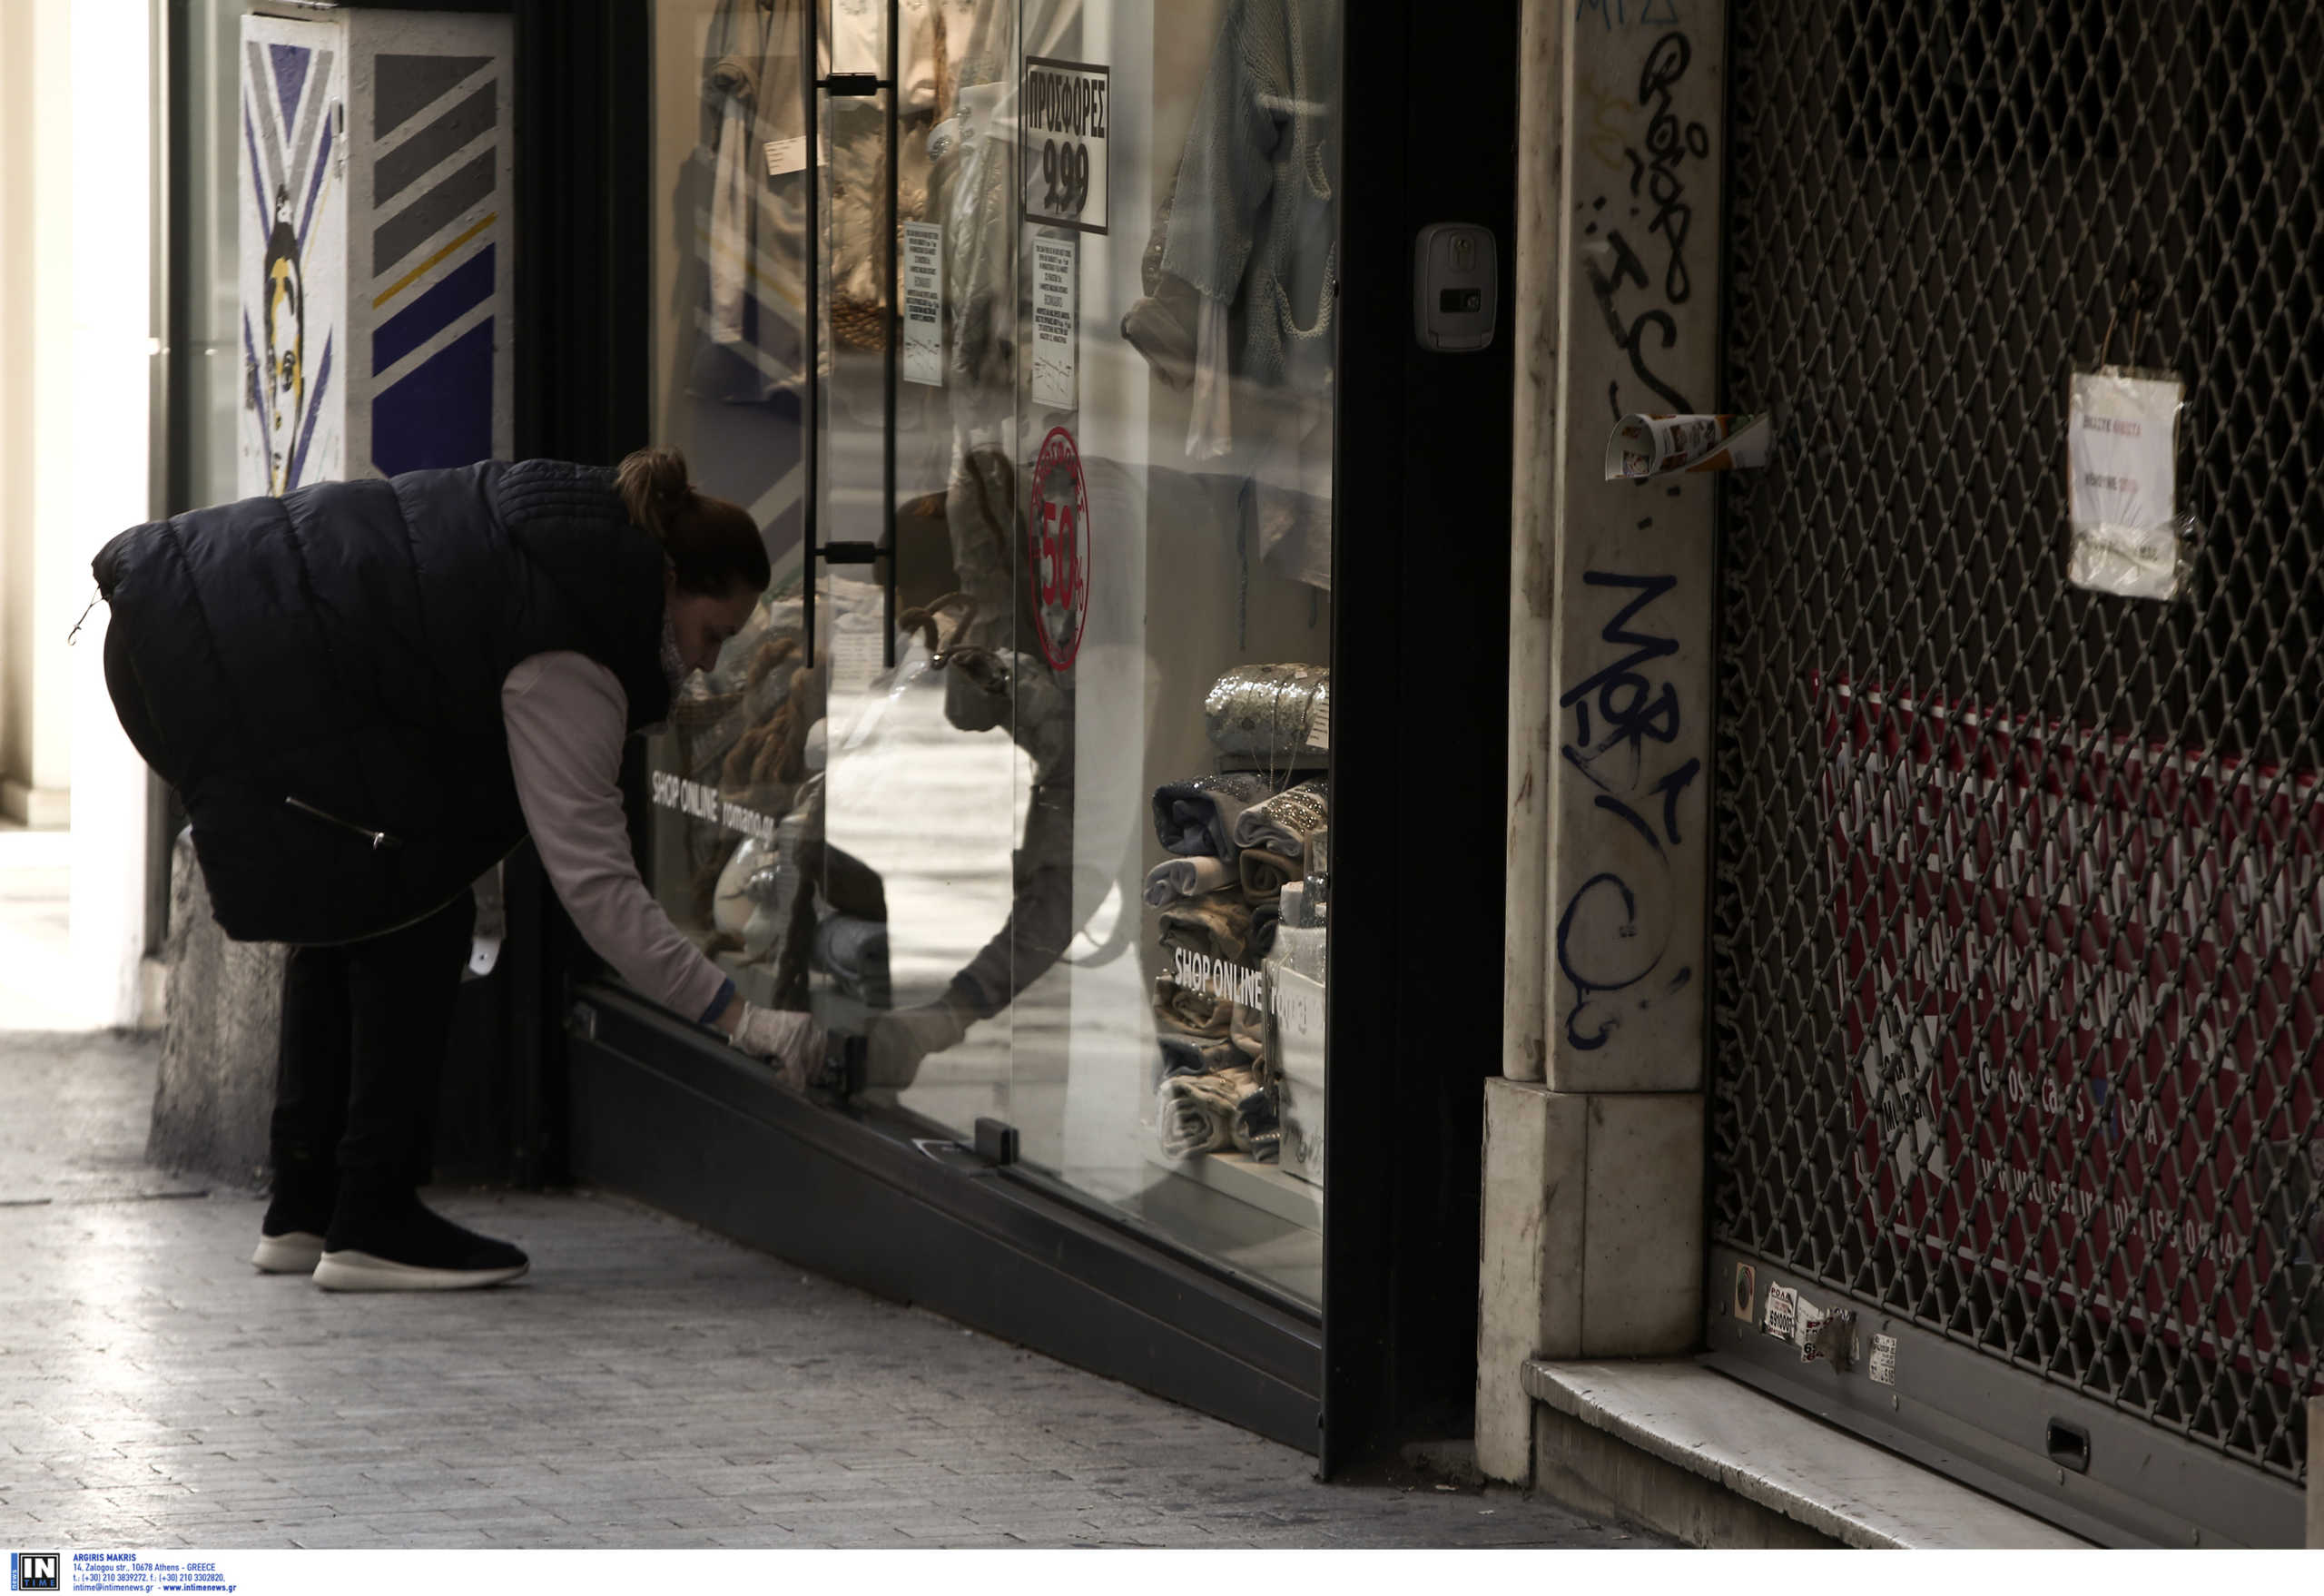 Θεσσαλονίκη: Διαρρήκτης άδειαζε μαγαζιά που έχουν κατεβάσει ρολά λόγω κορονοϊού